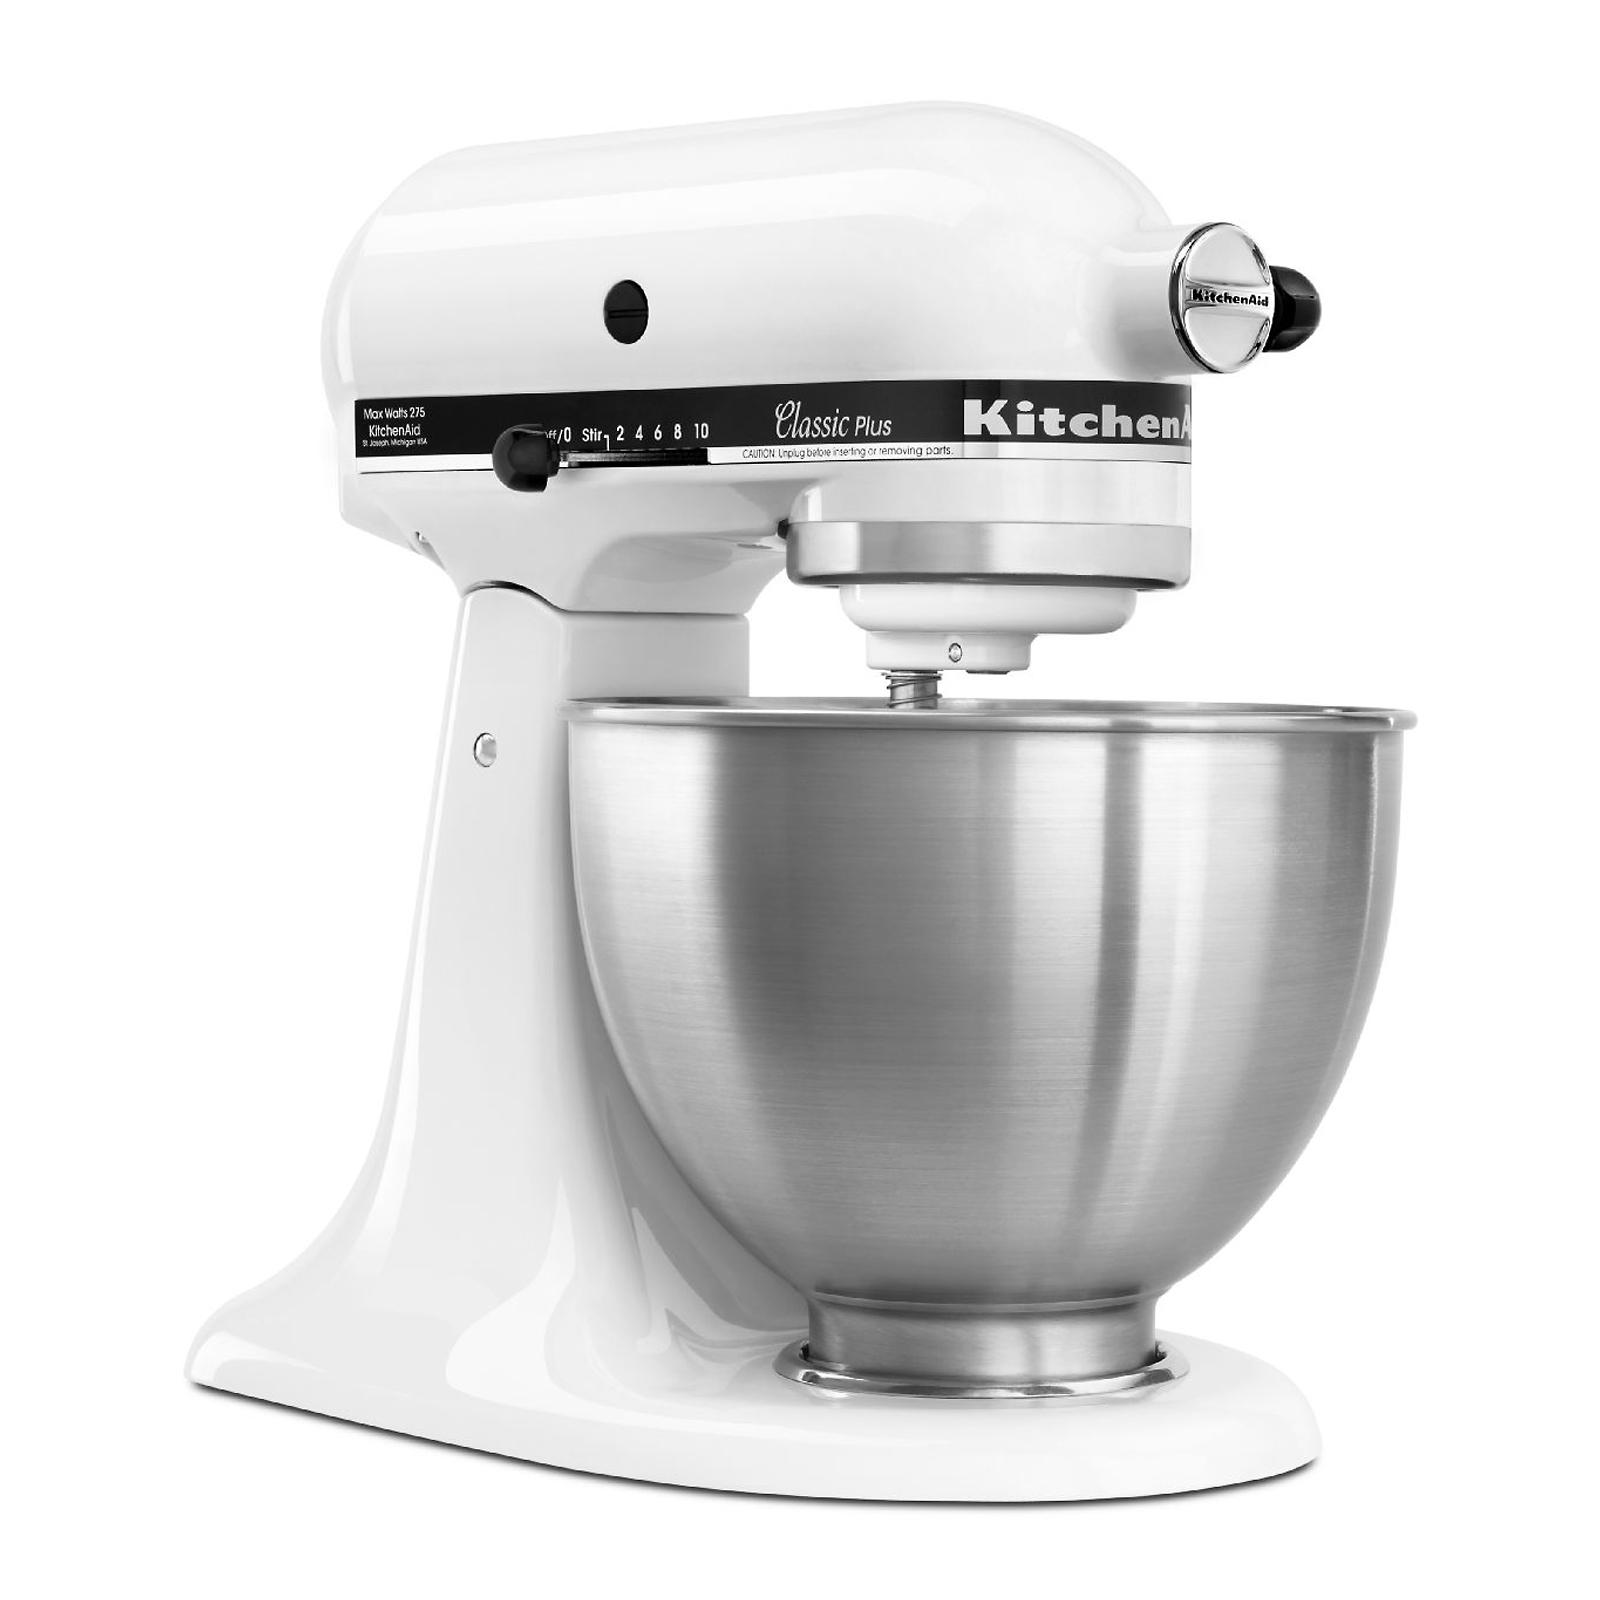 kitchen aid mixer parts backsplash options kitchenaid ksm75wh classic plus 4 5 quart stand